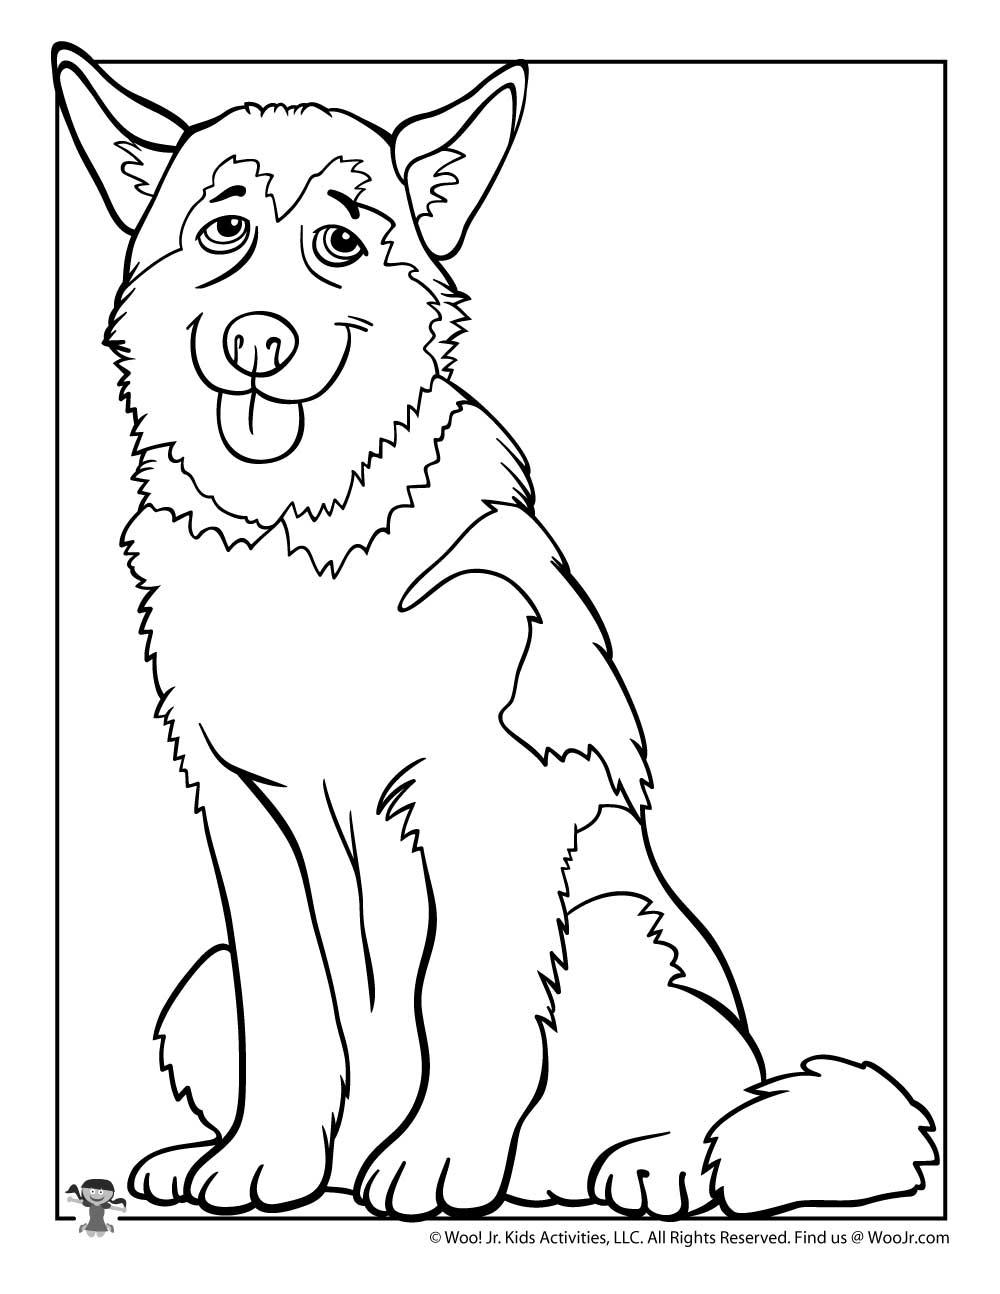 Husky Coloring Page : husky, coloring, Husky, Coloring, Activities